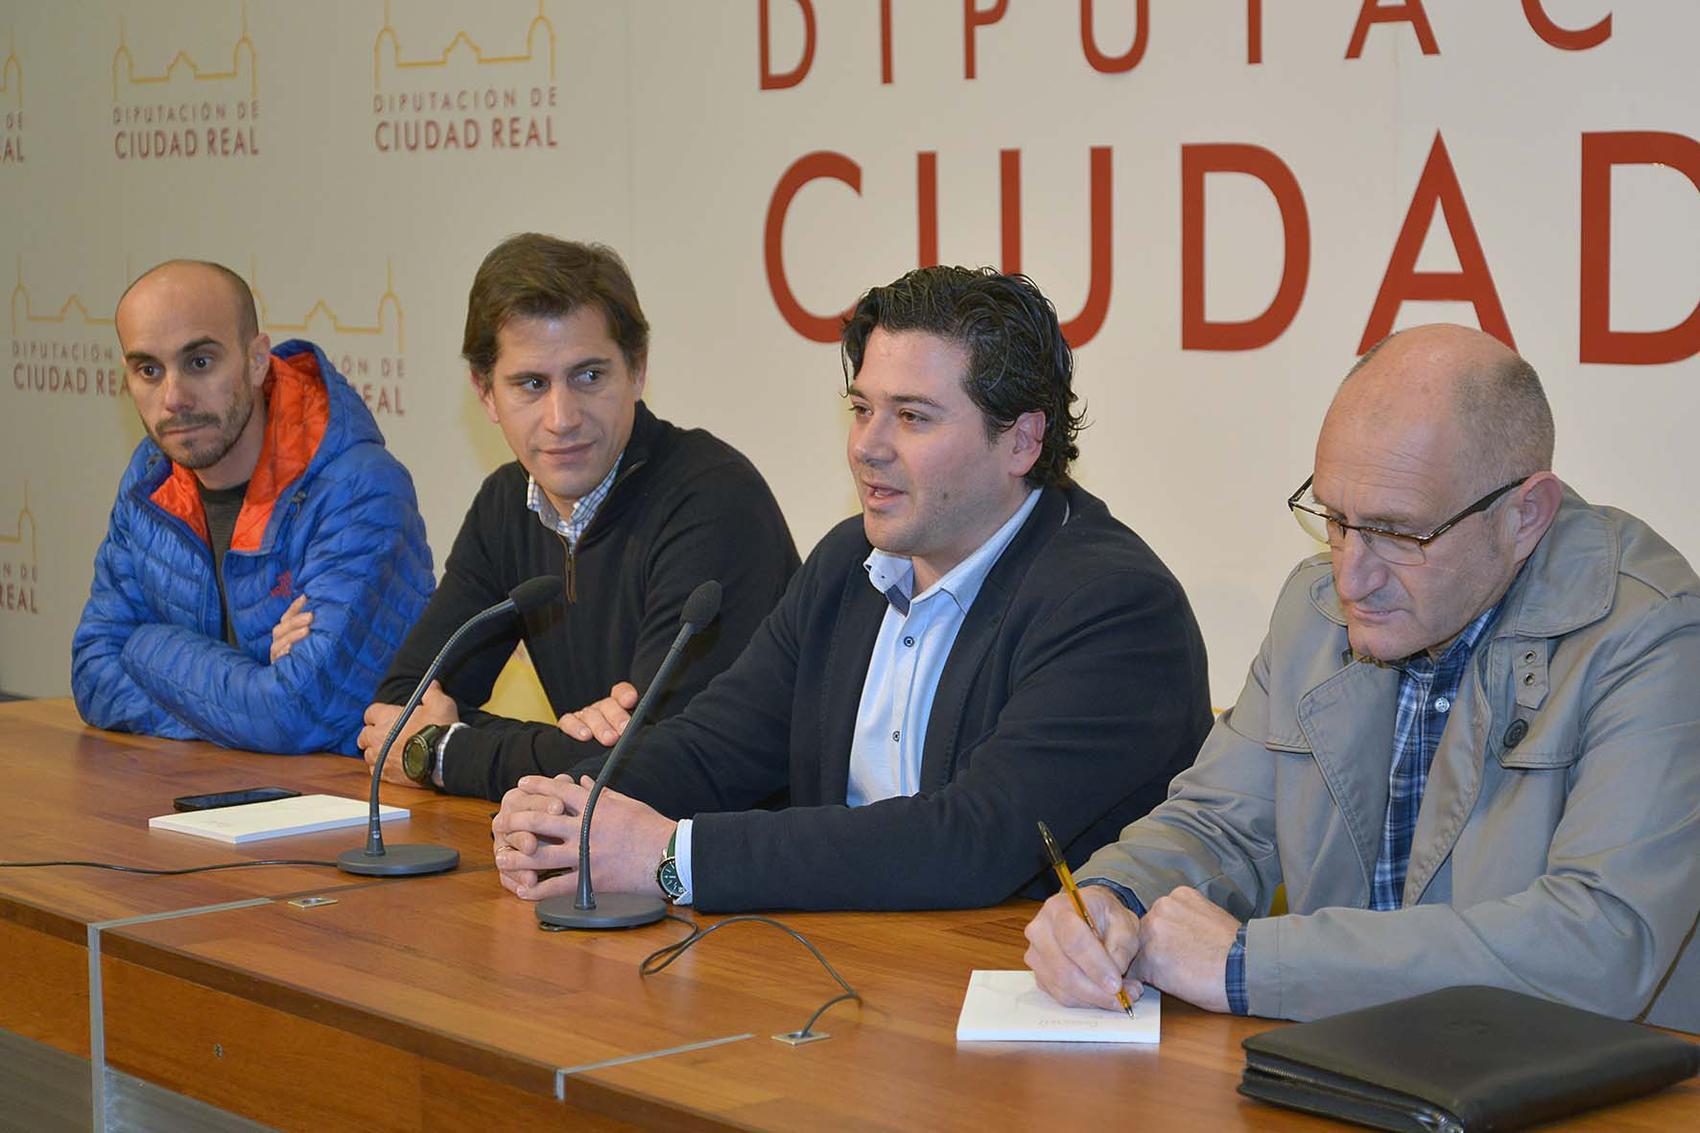 Importante apuesta de la Diputación para potenciar las actividades deportivas y el turismo de la provincia